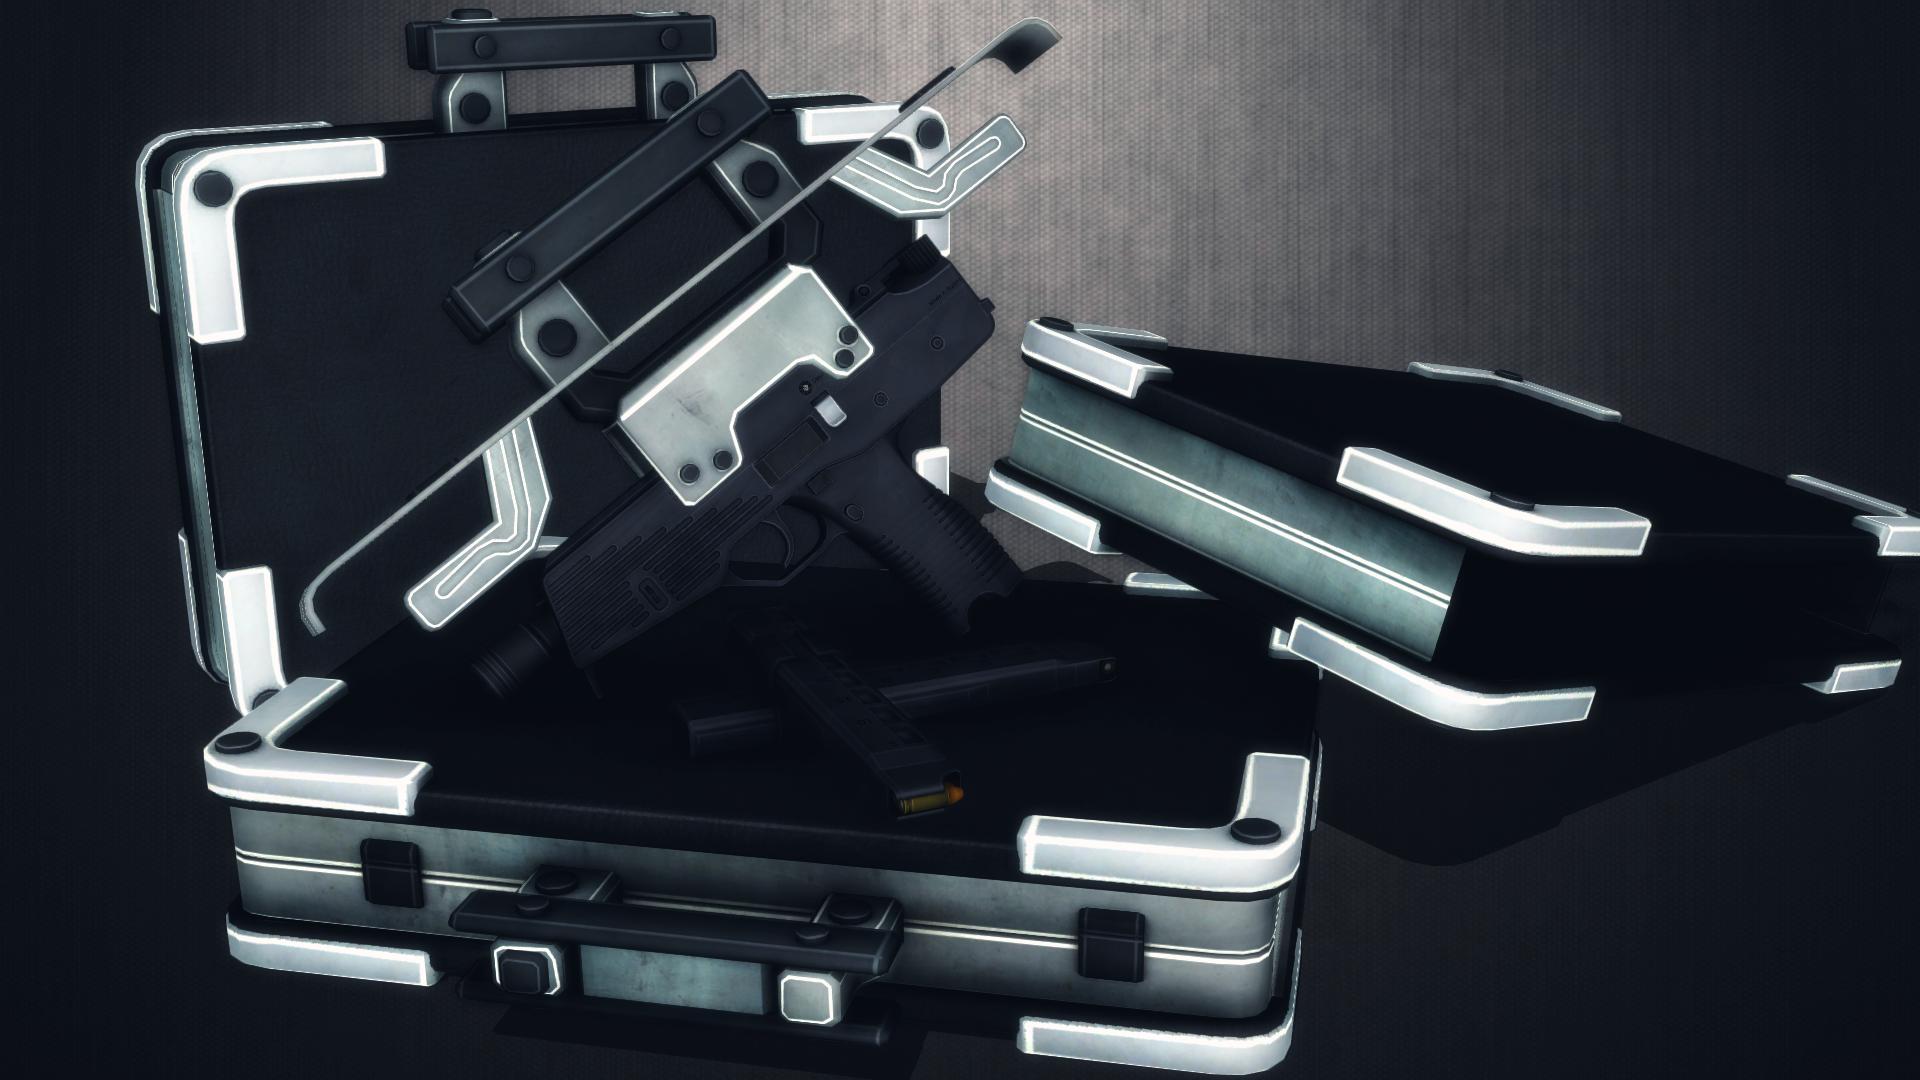 Mmd Briefcase Steyr Spp For Dl By Abyssleo On Deviantart